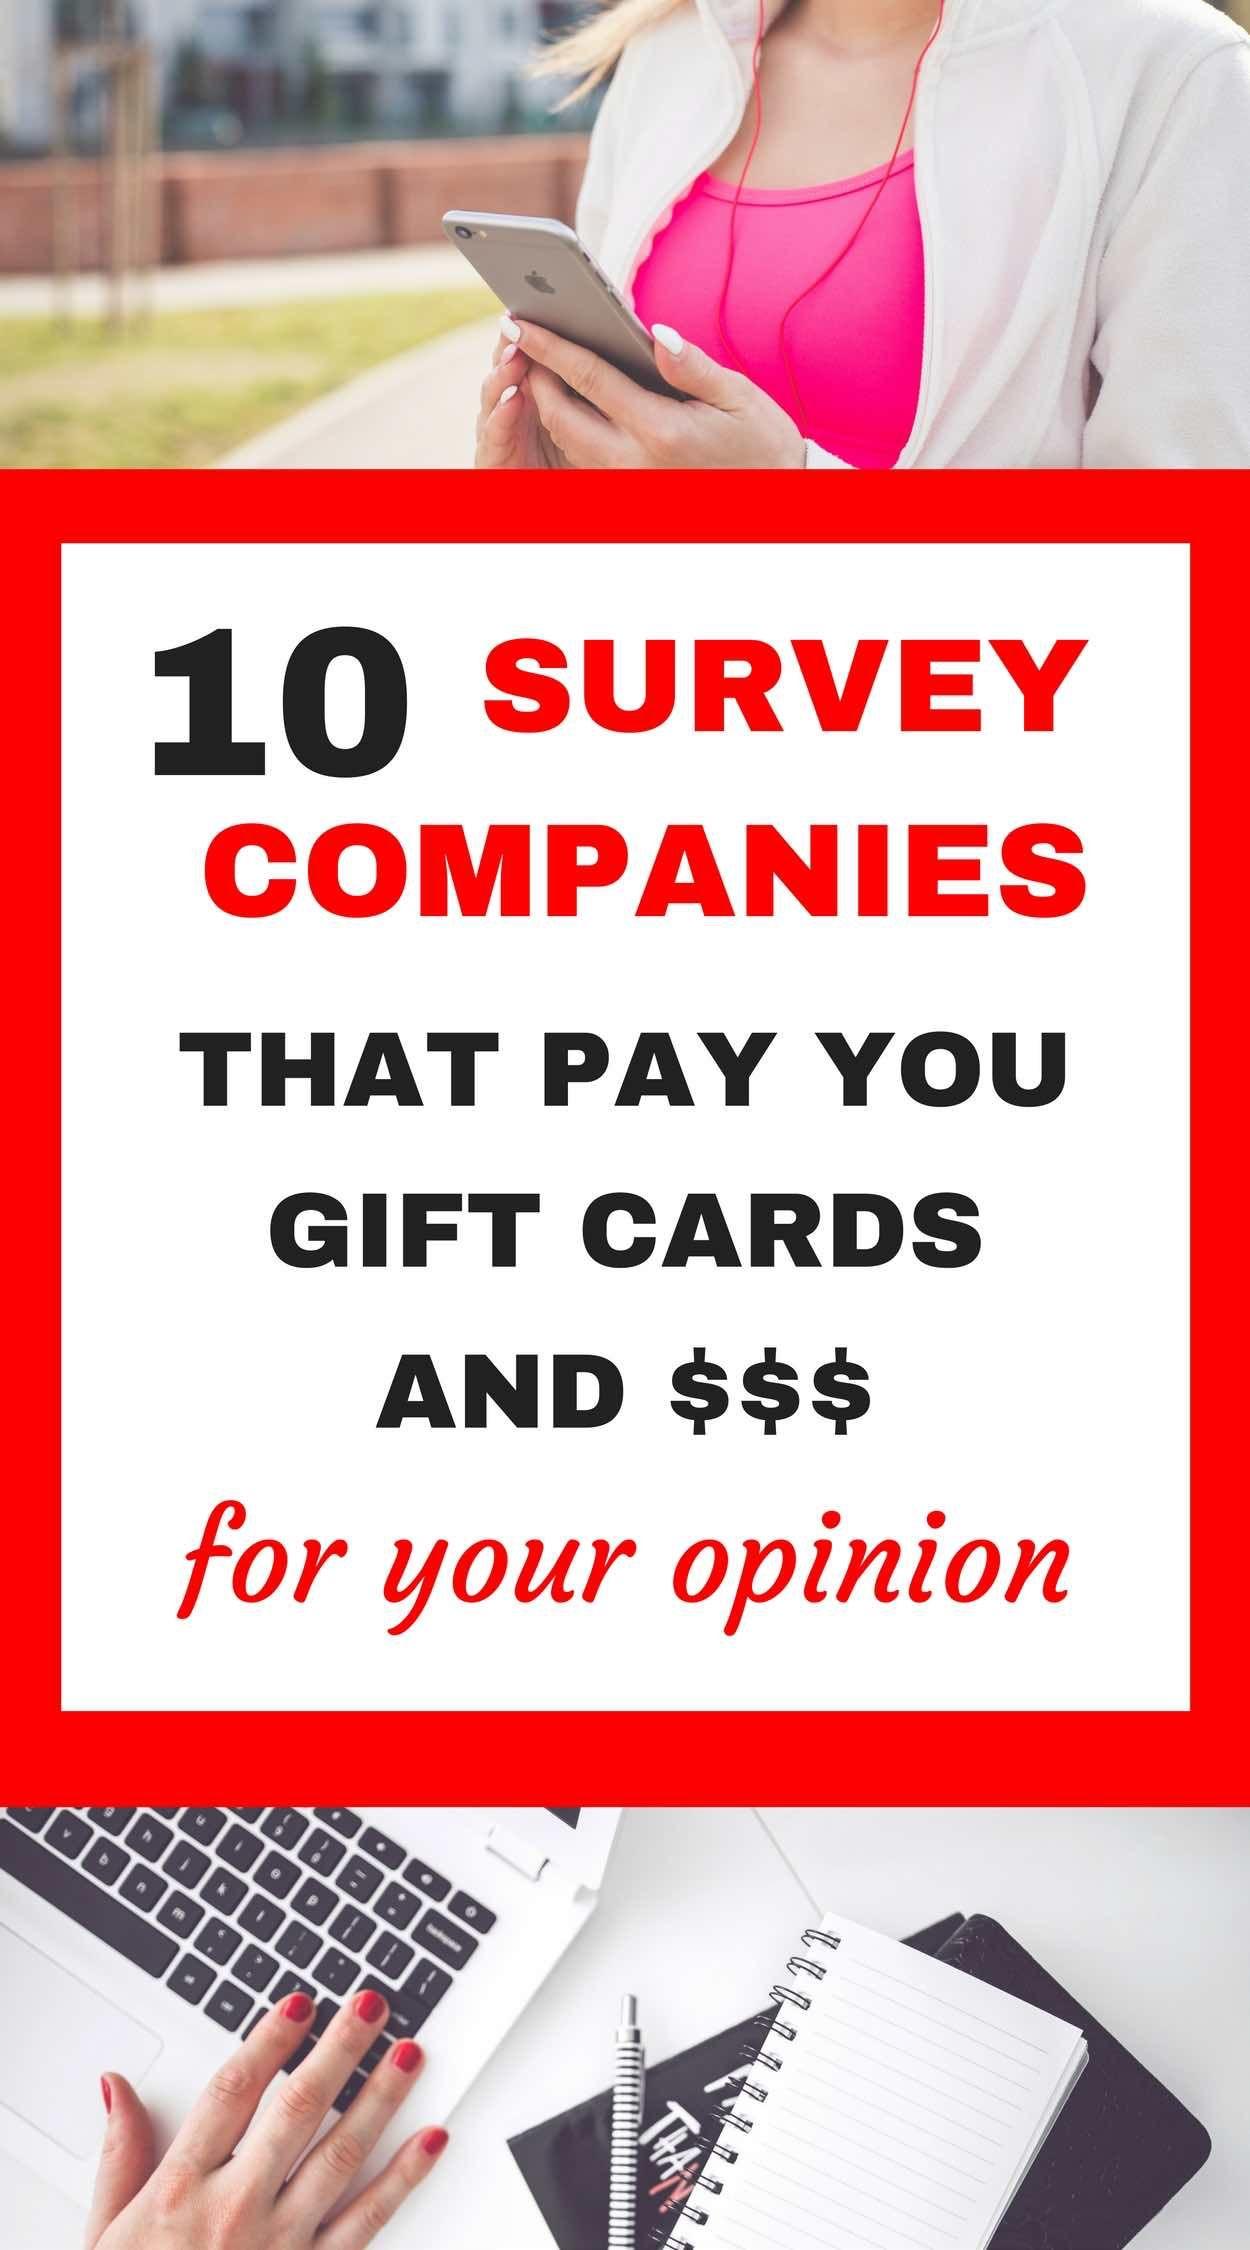 surveys for gift cards legit